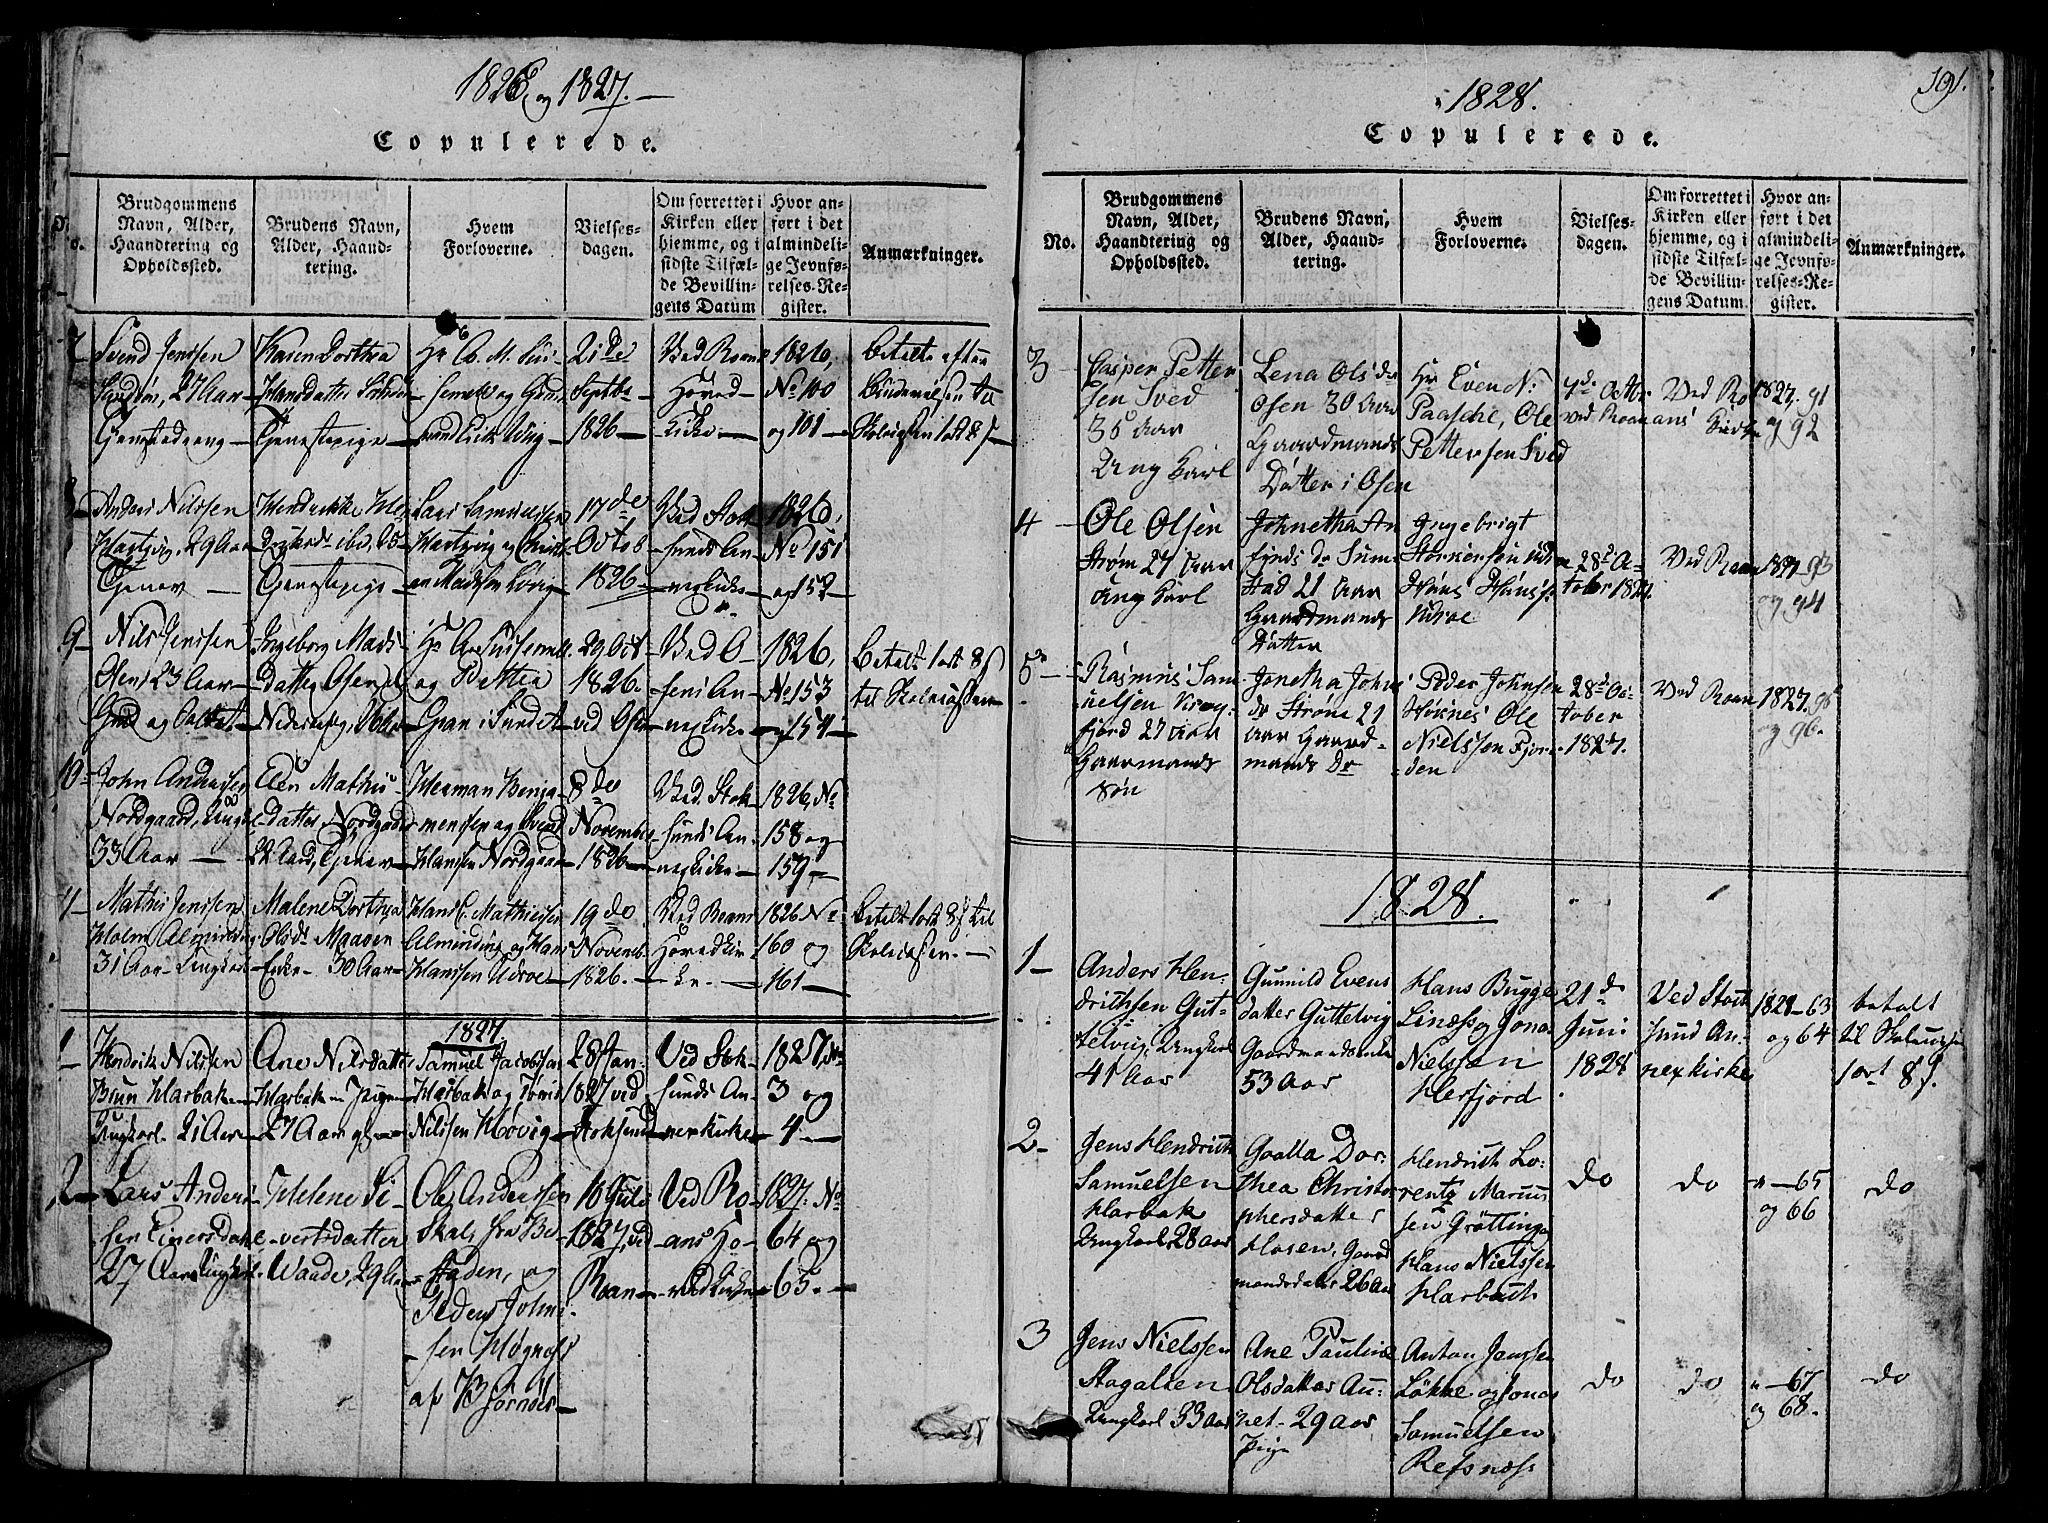 SAT, Ministerialprotokoller, klokkerbøker og fødselsregistre - Sør-Trøndelag, 657/L0702: Ministerialbok nr. 657A03, 1818-1831, s. 191